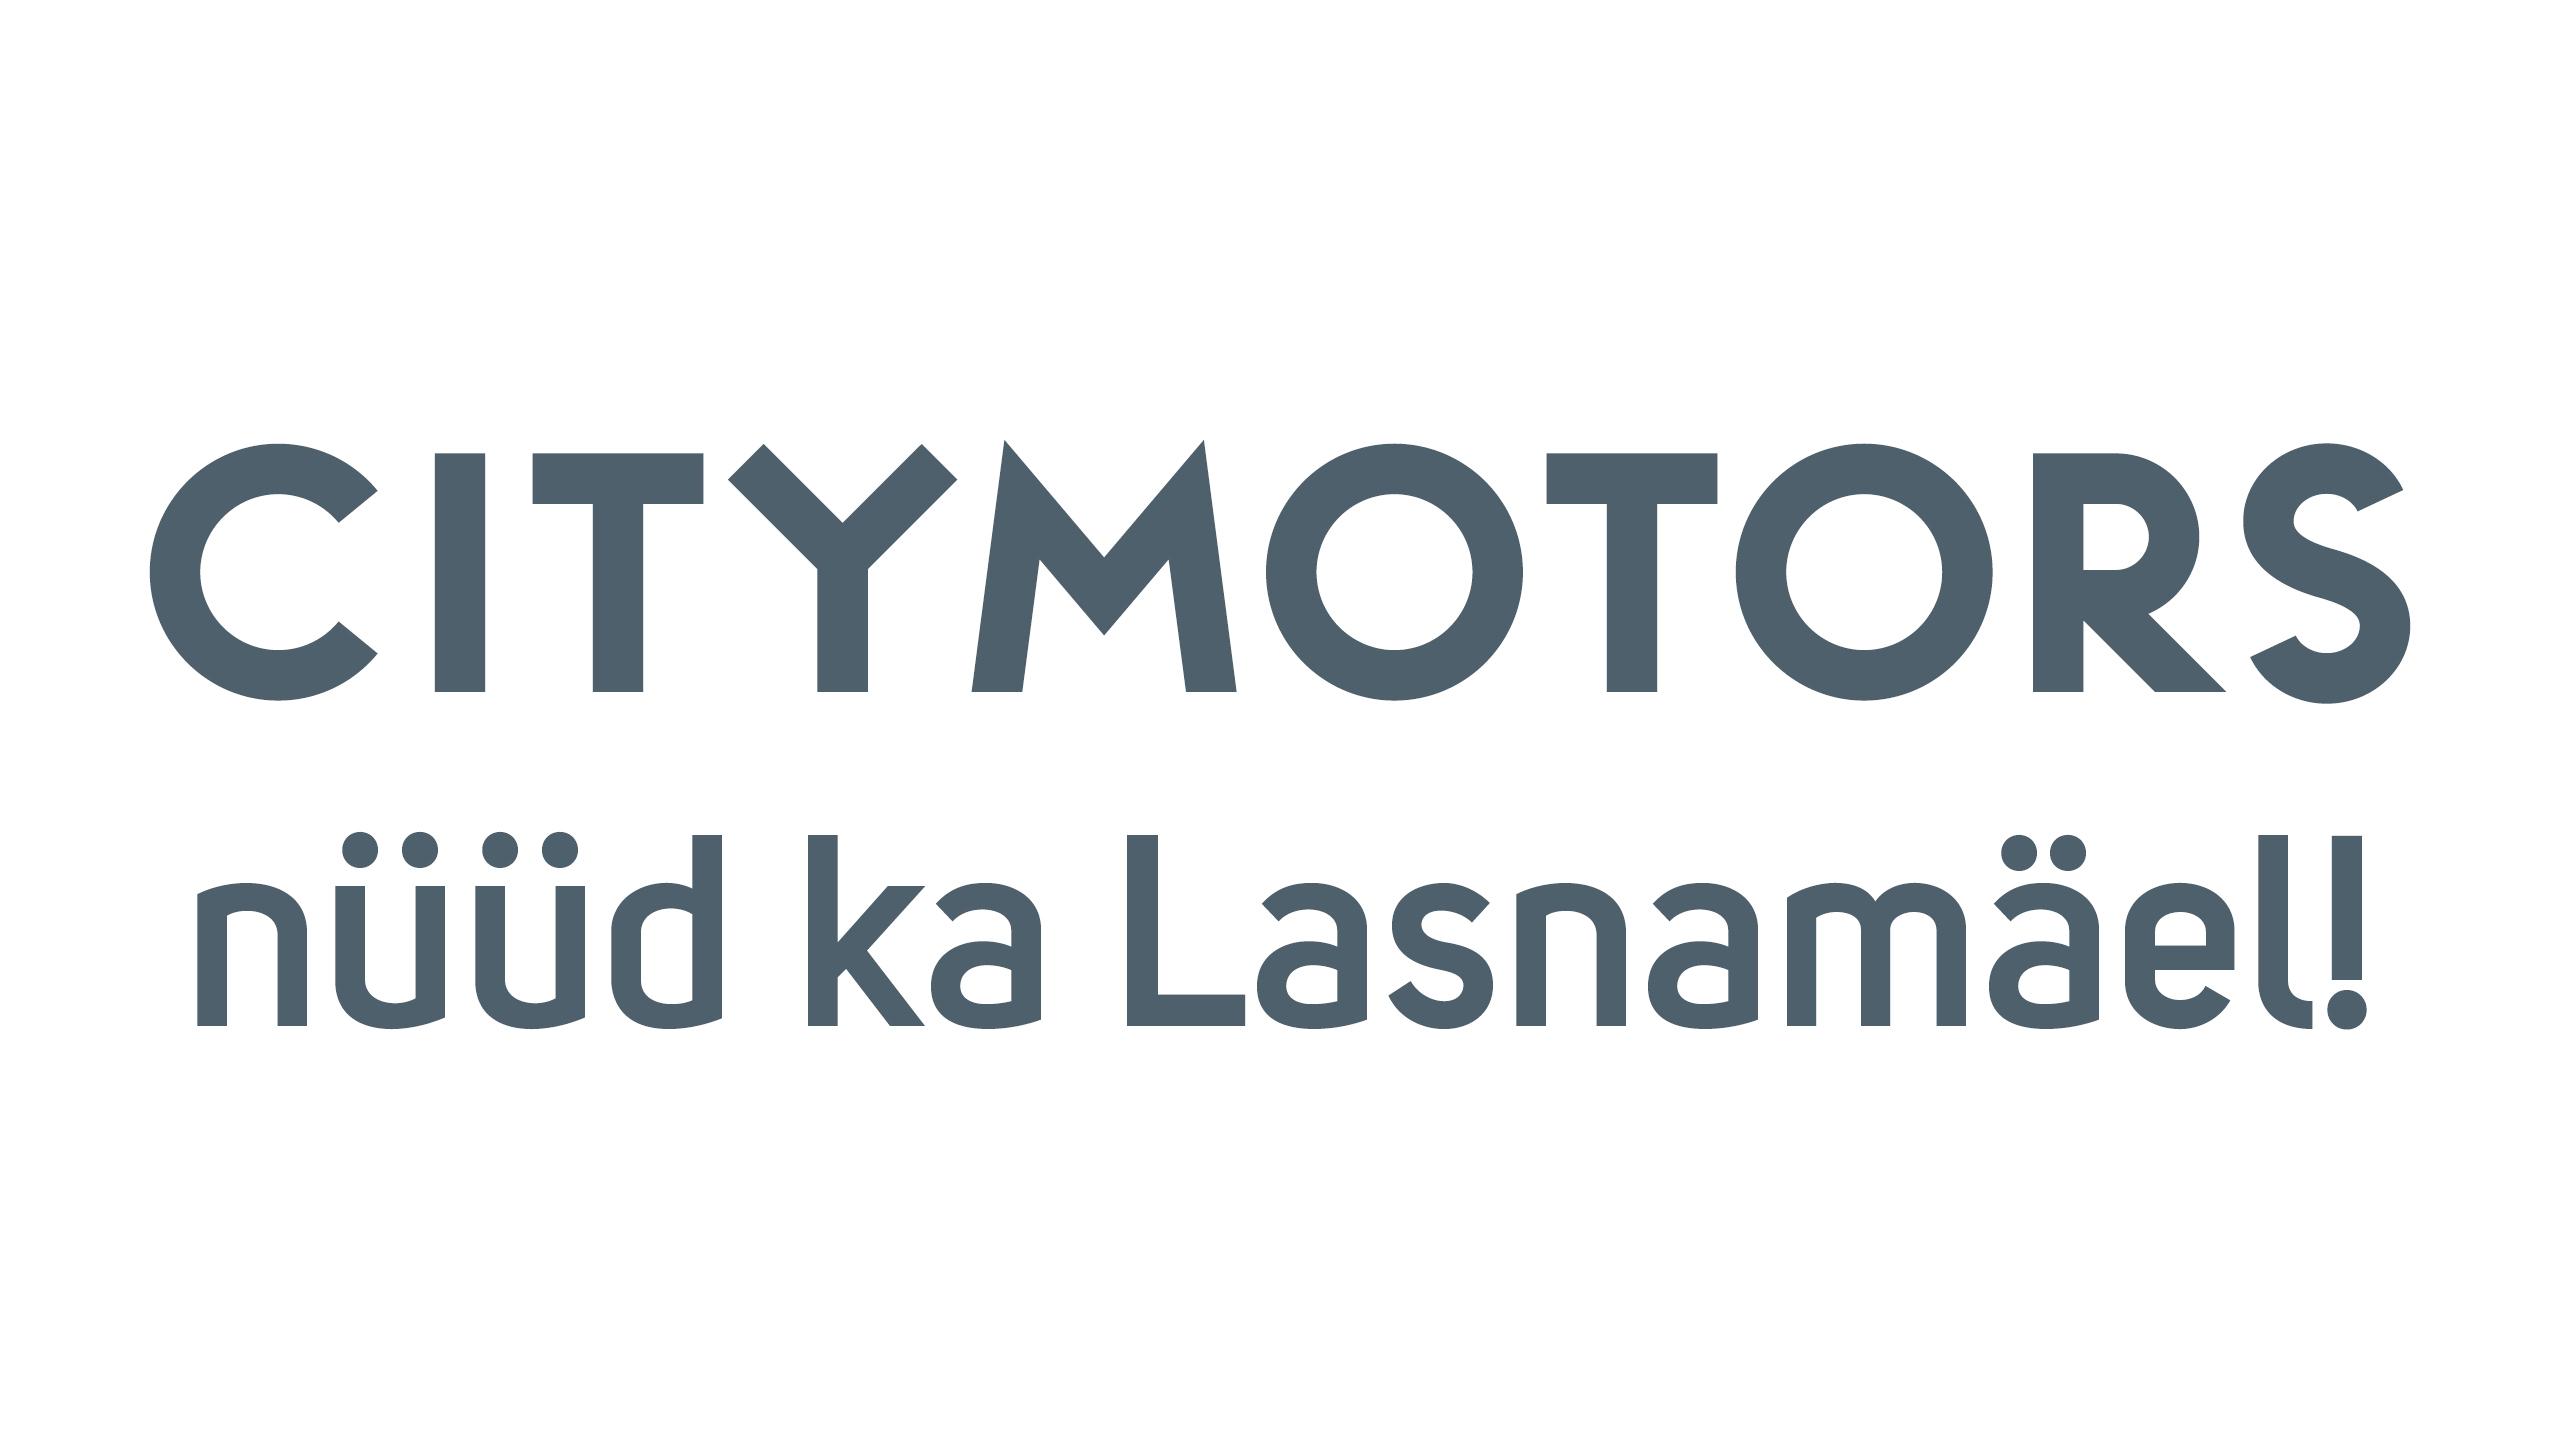 City Motors nüüd ka Lasnamäel Dacia